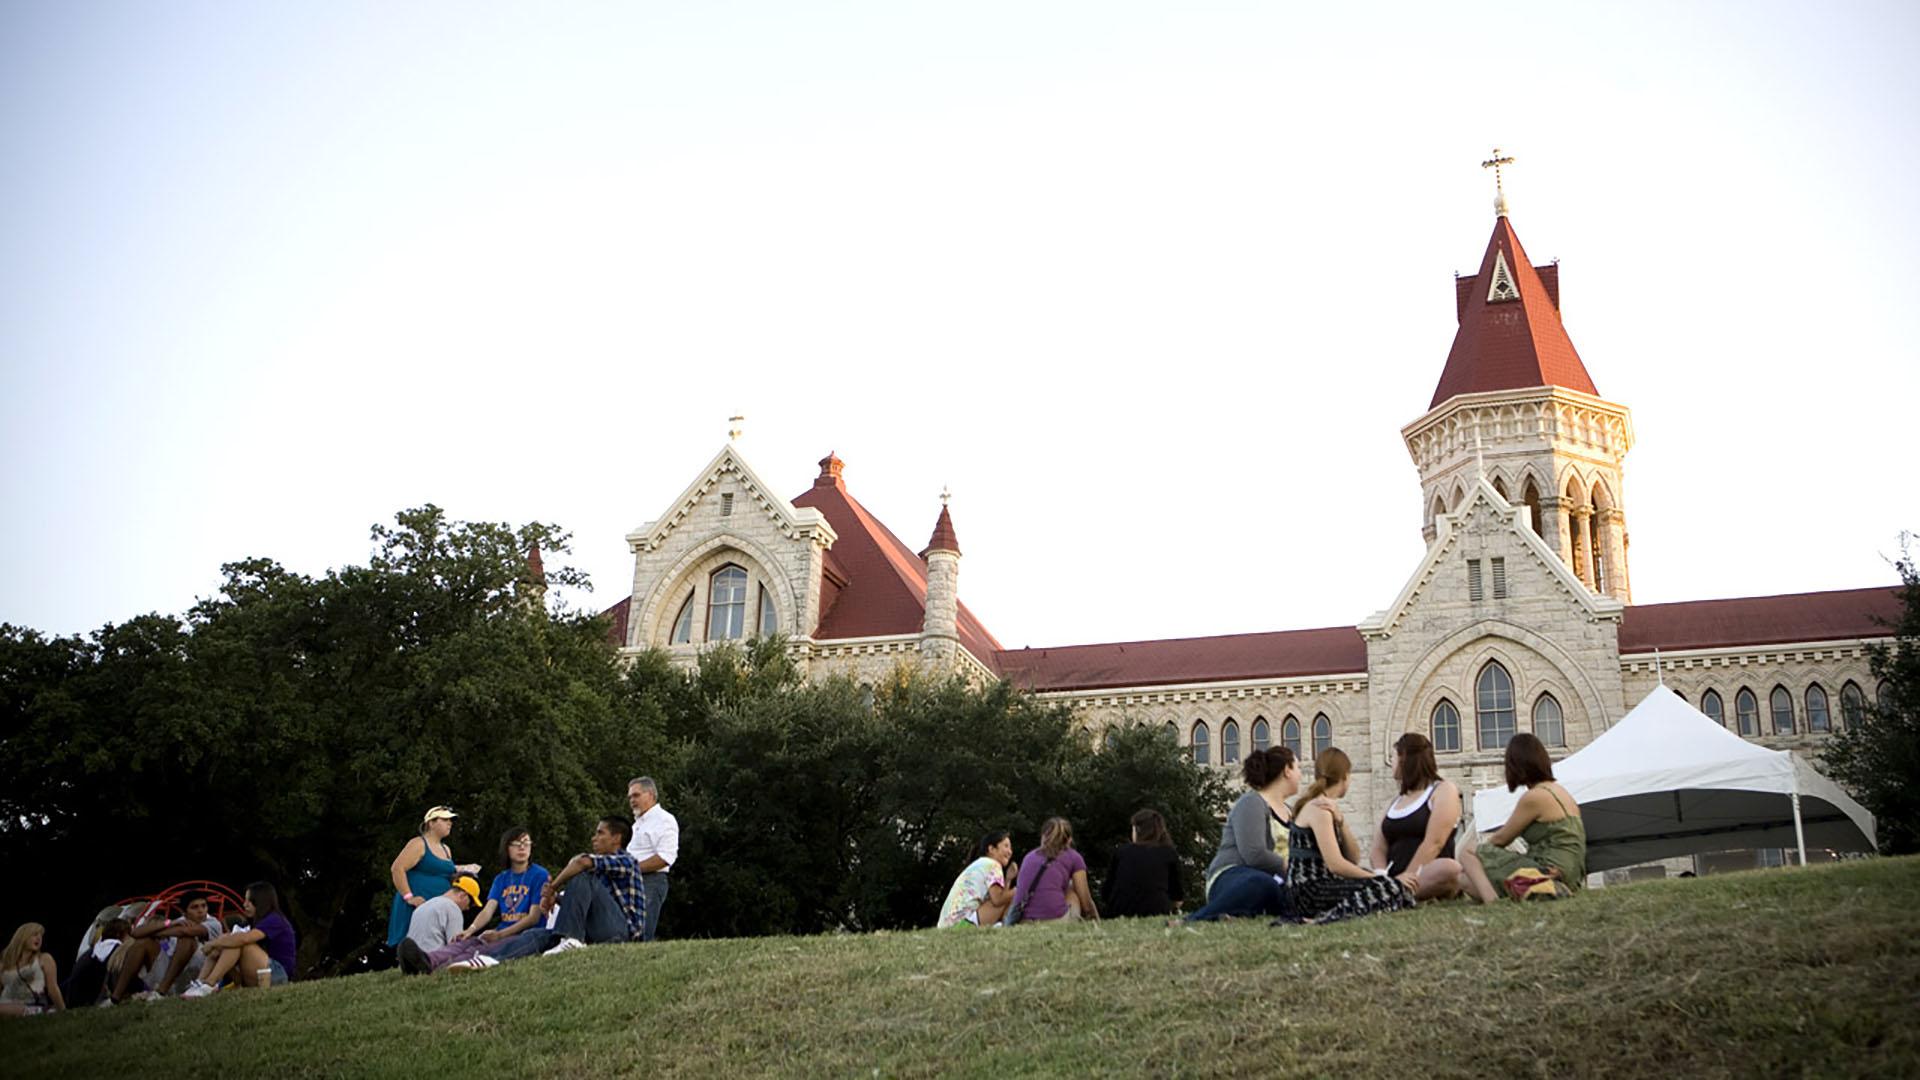 Image of St Edwards University